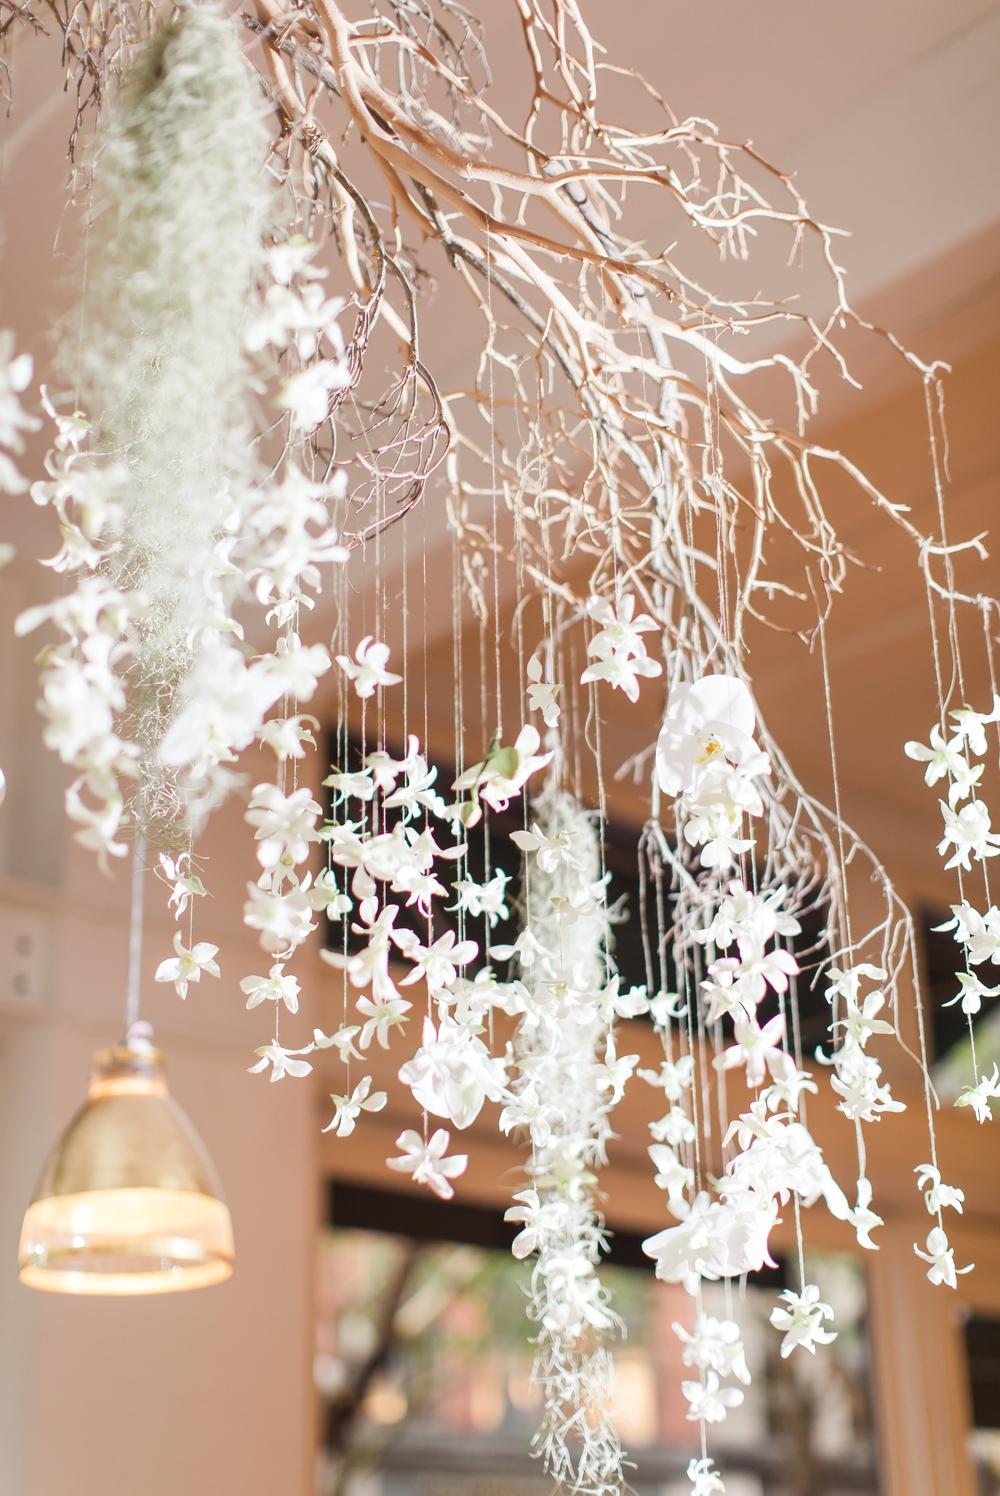 ceiling-floral-art-display